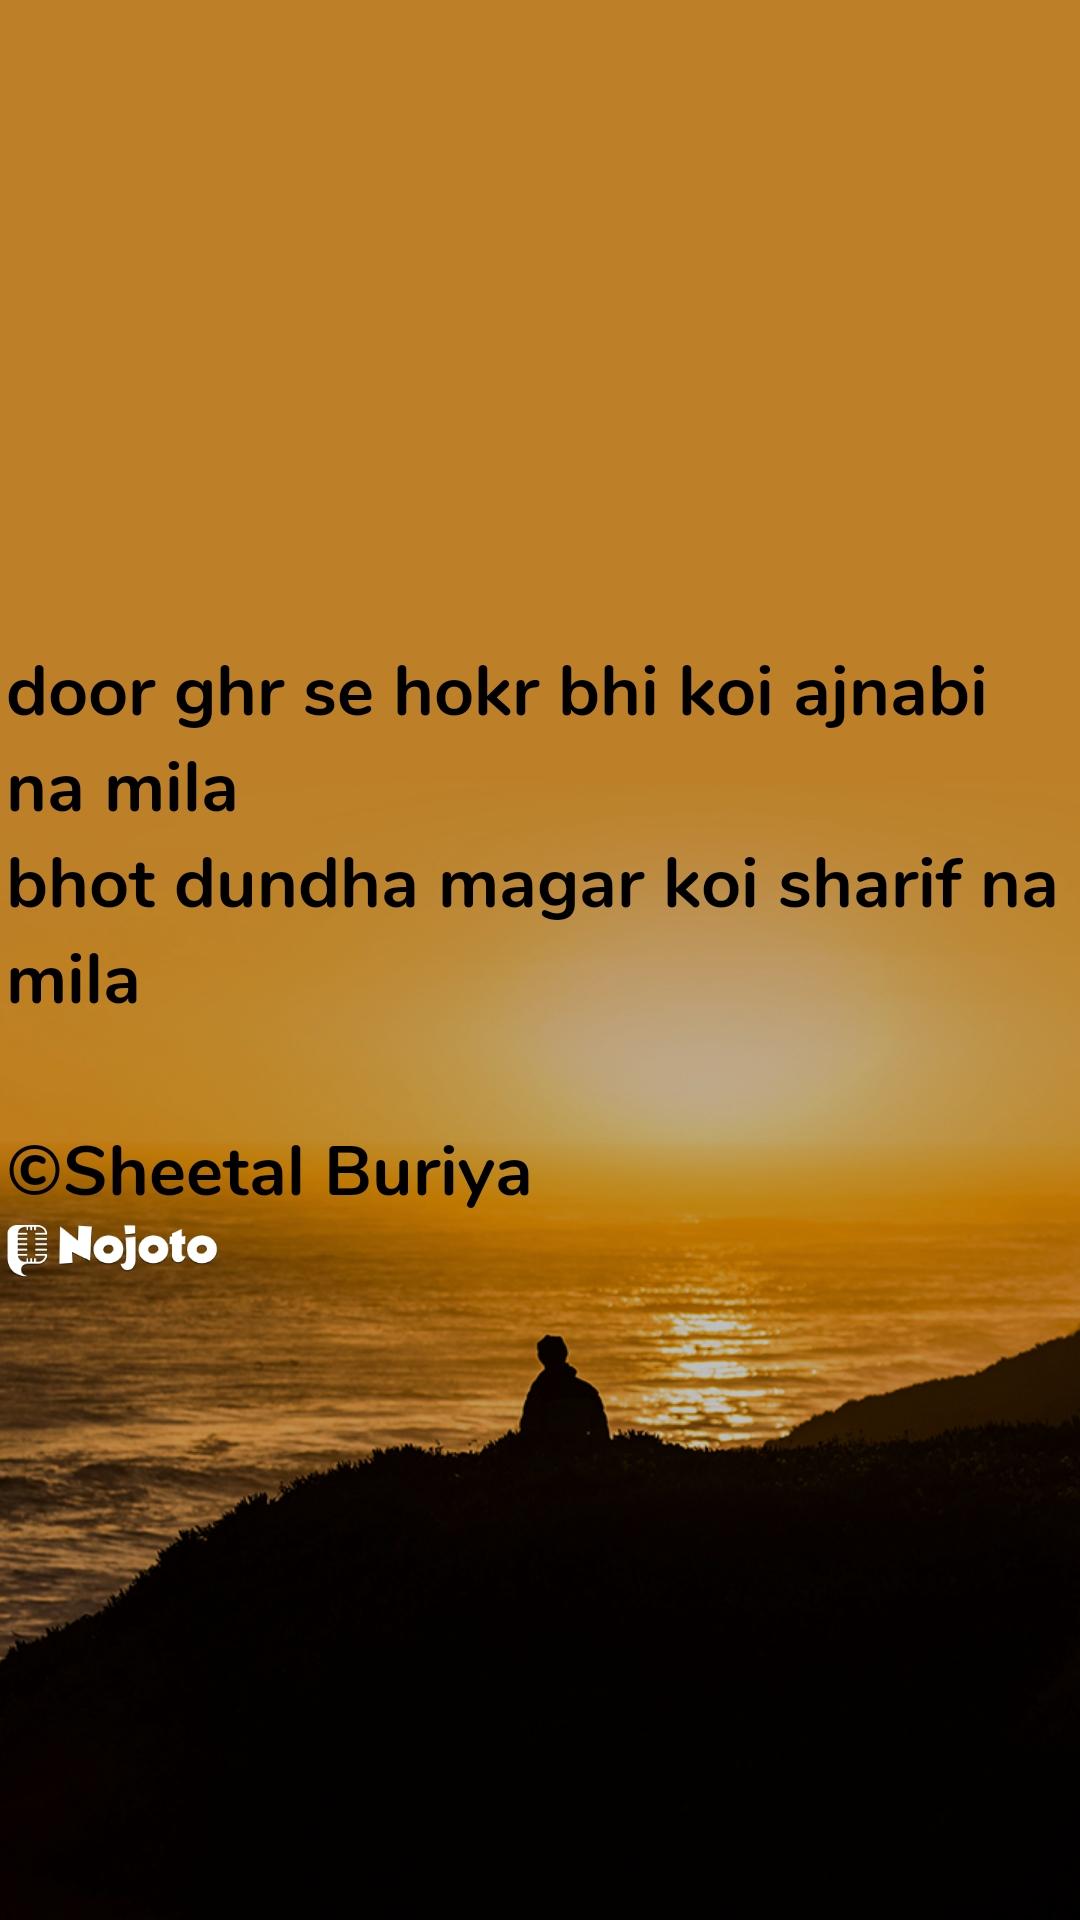 door ghr se hokr bhi koi ajnabi na mila bhot dundha magar koi sharif na mila  ©Sheetal Buriya